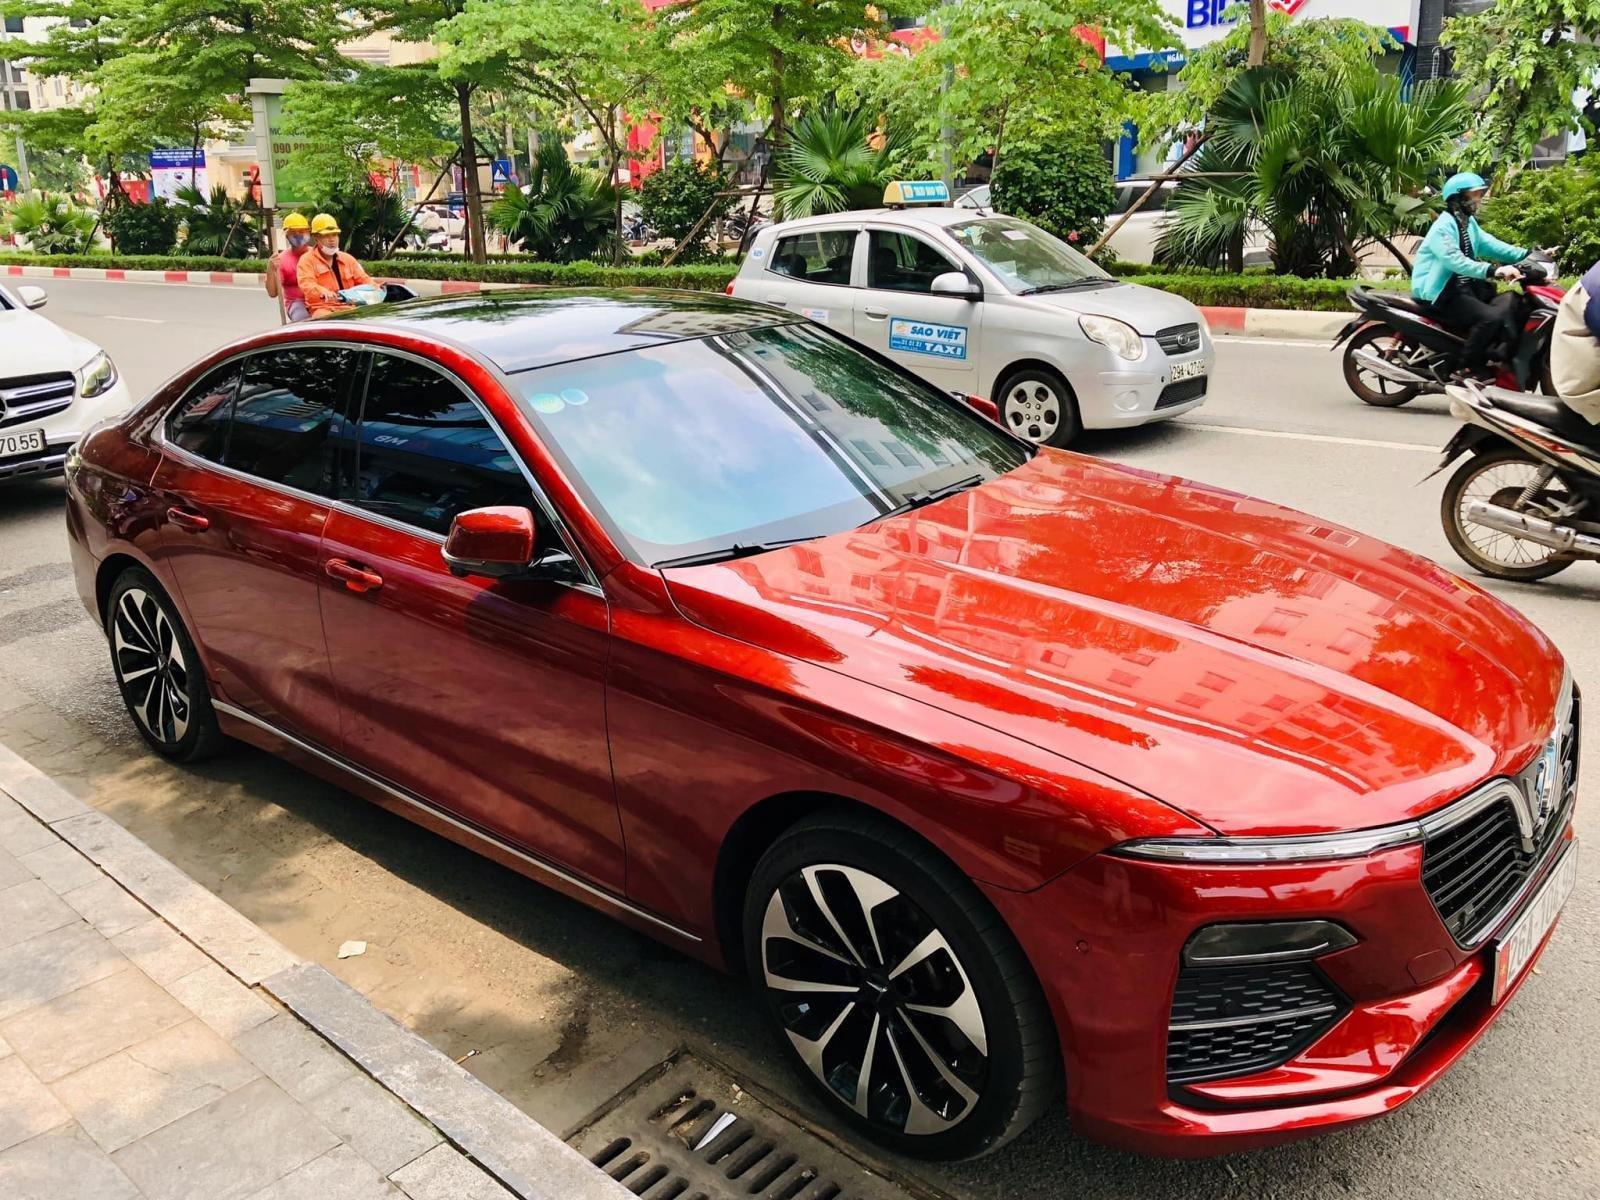 Vinfast Lux A xe 2020 - vay 80% giá xe - vay 2 năm không lãi suất - hỗ trợ chứng minh thu nhập (1)